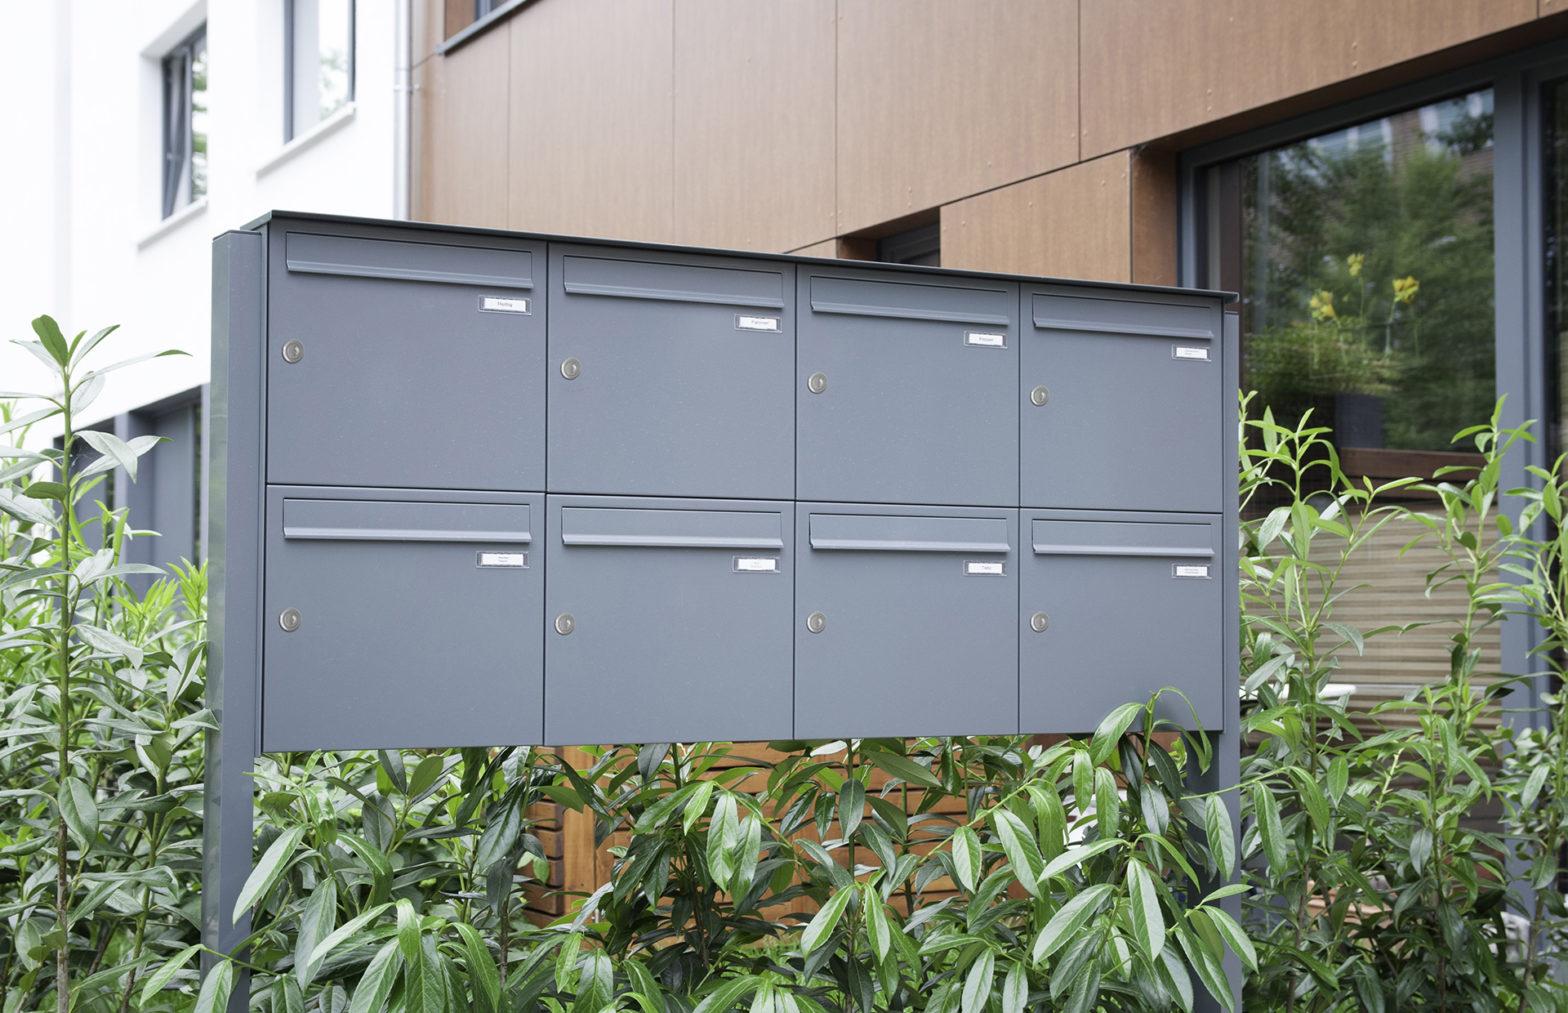 KNOBLOCH EXPRESS BOX - 8-teilige freistehende Briefkastenanlage mit vertikalen Kästen, mit Verkleidung RI 244, Gestell SO 441 (FS80-244)